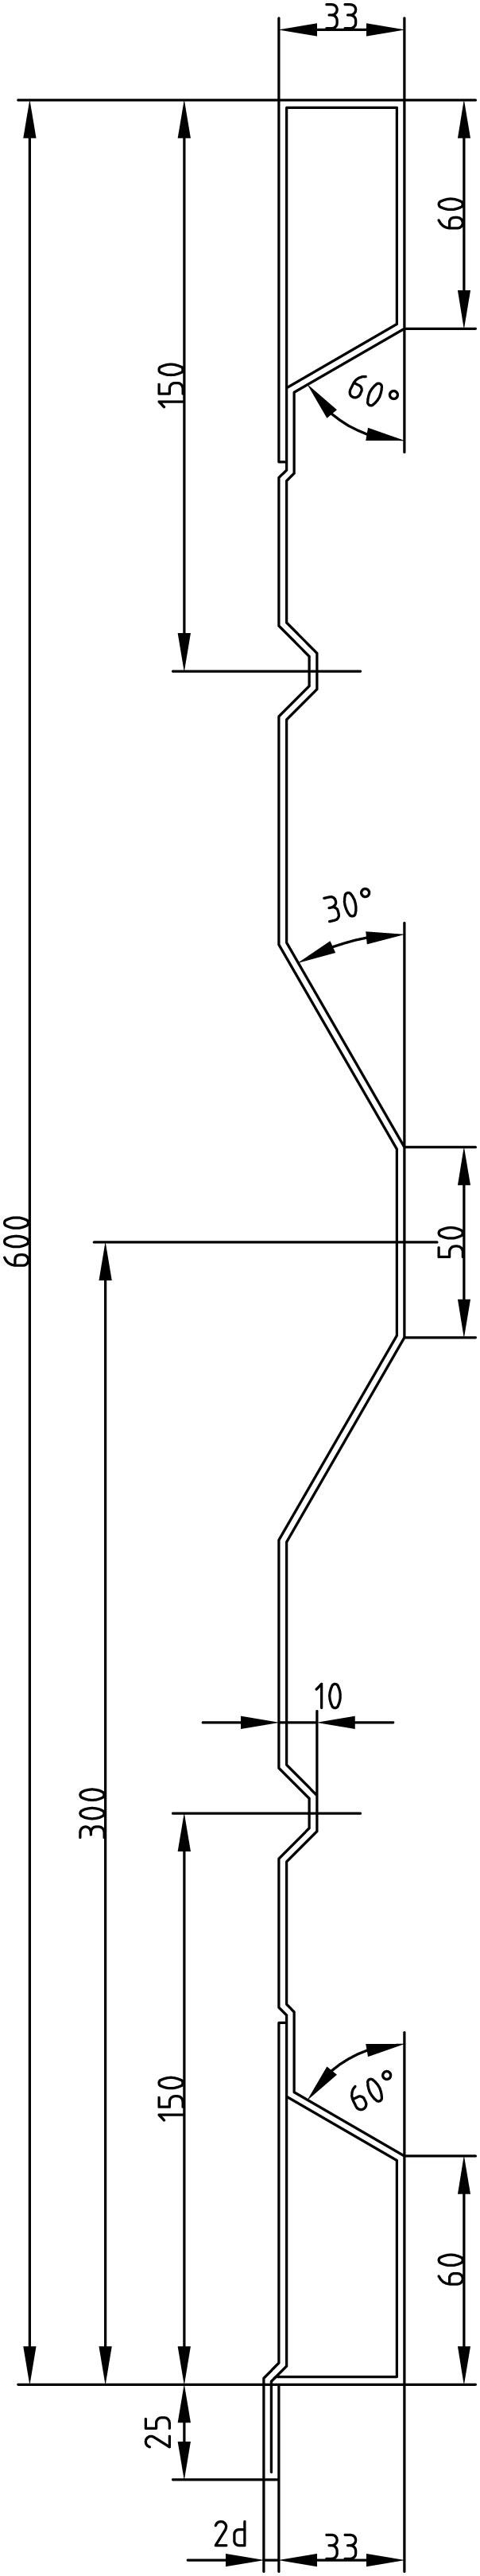 Brantner Kipper und Anhänger - AKmE HVAK 600x2 2053 Winkel 40/20/5